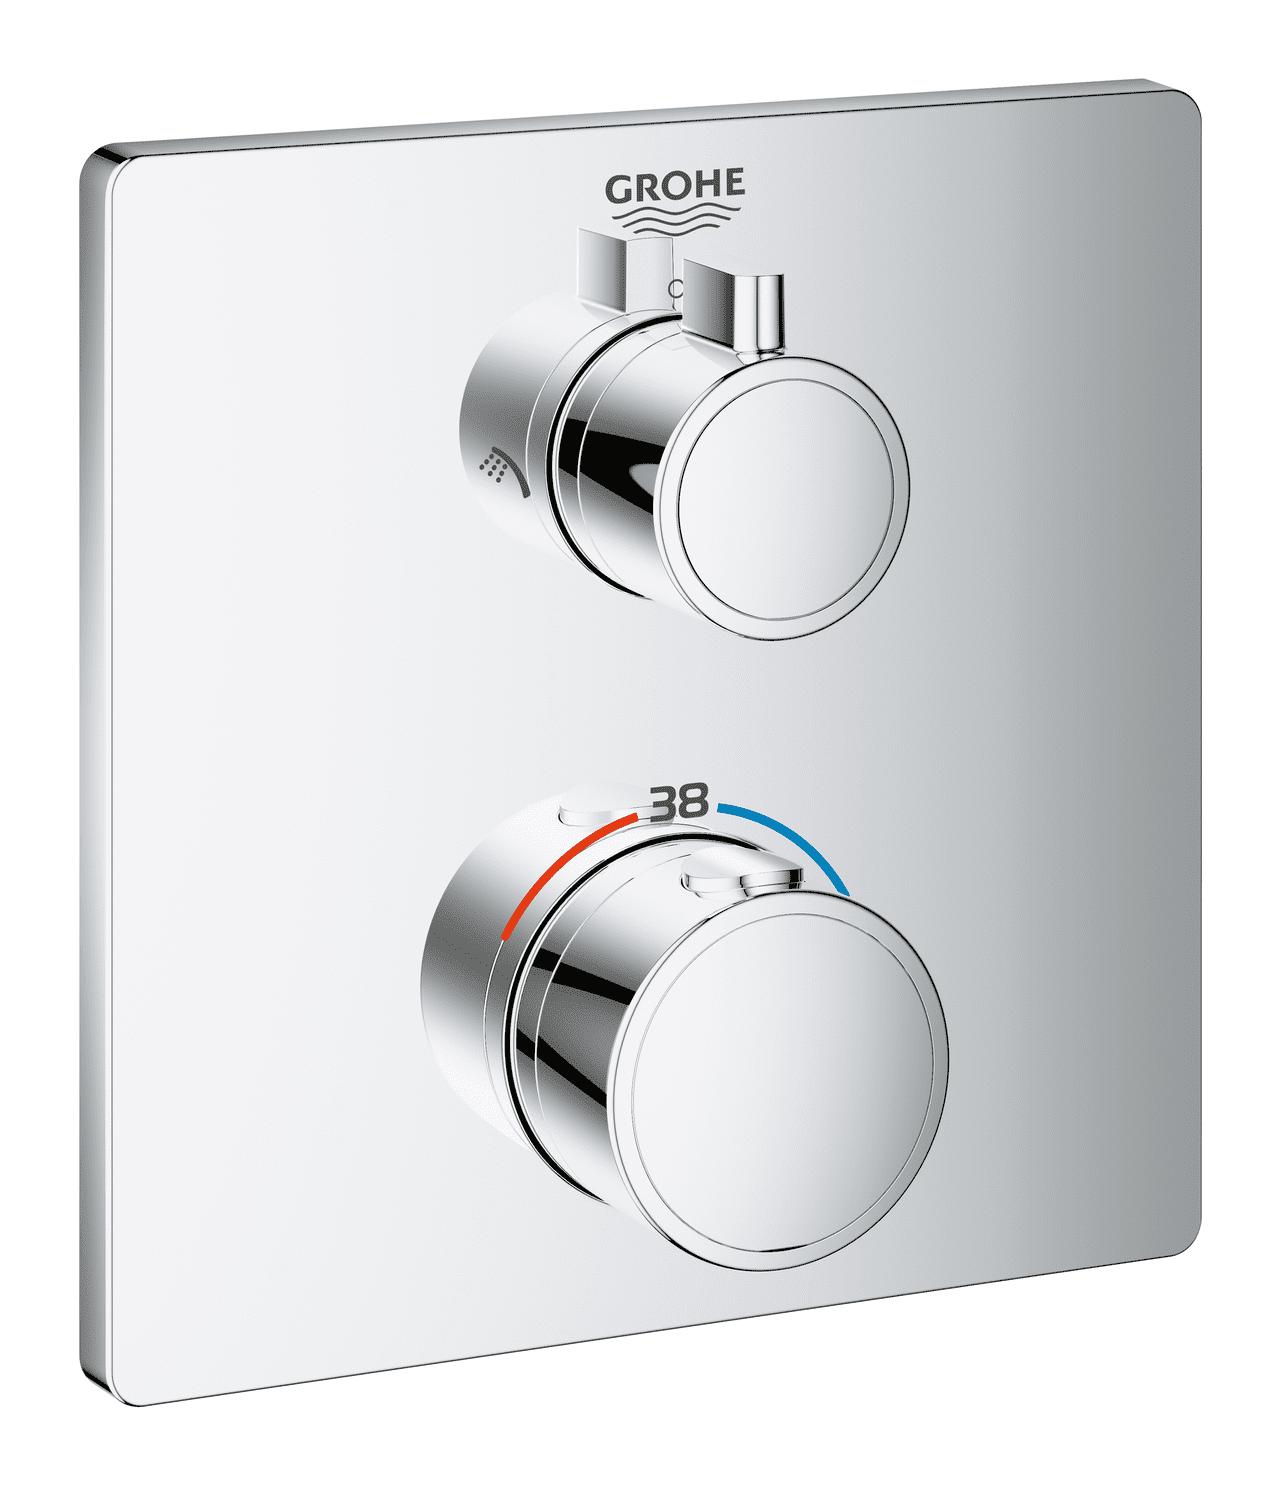 GROHE Grohtherm - Façade pour mitigeur thermostatique douche pour 2 sorties chrome